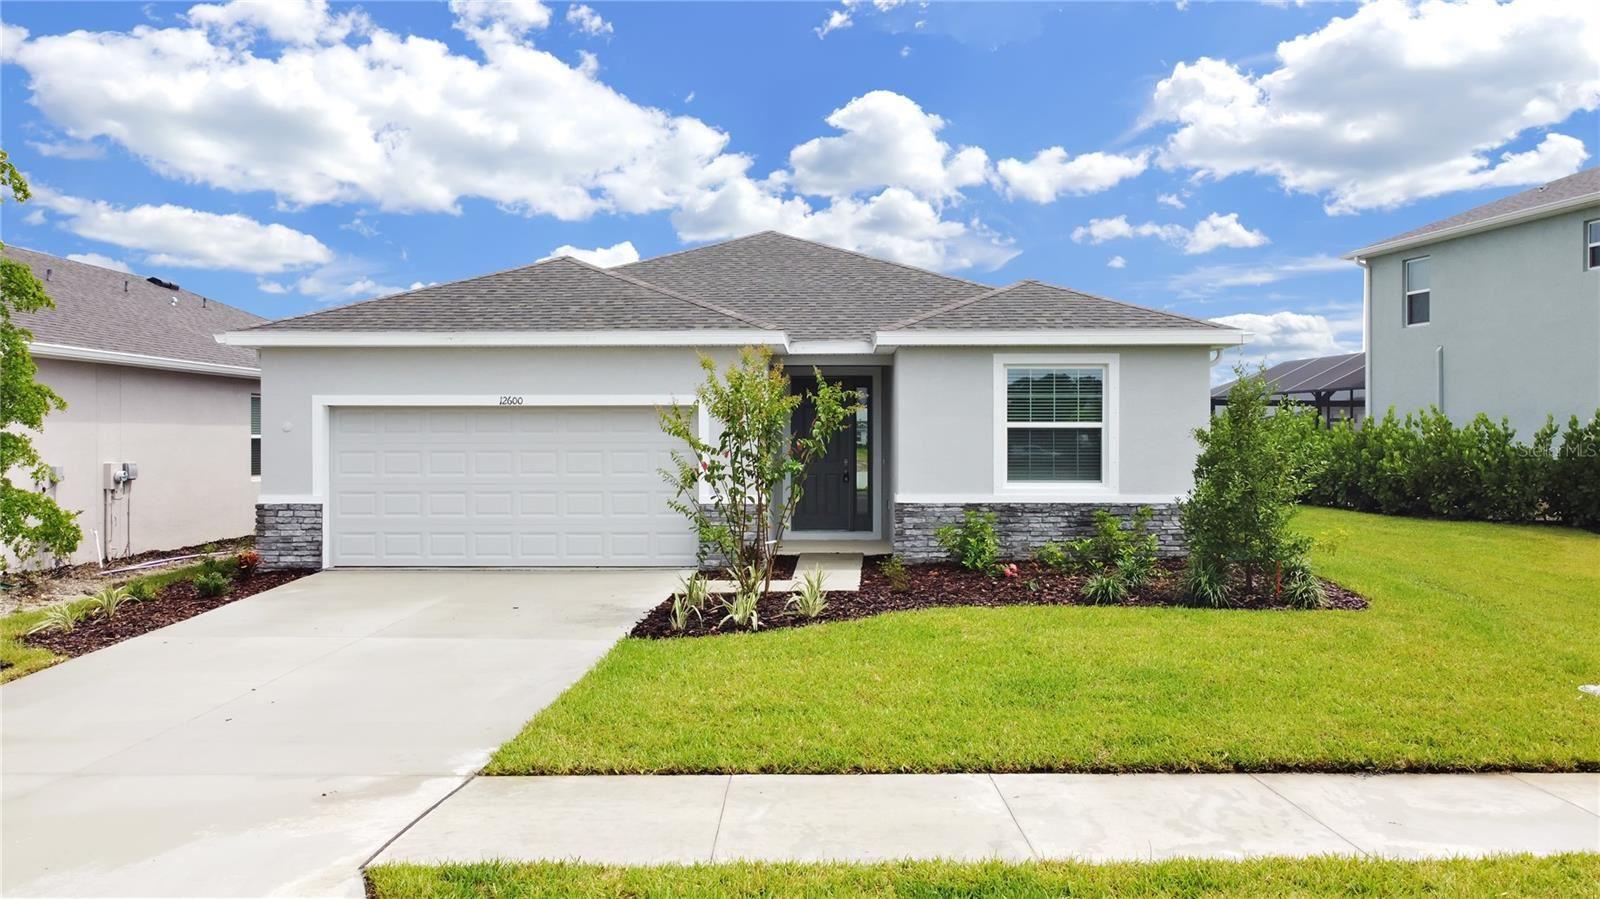 12600 NIGHT VIEW DRIVE, Sarasota, FL 34238 - #: A4513179